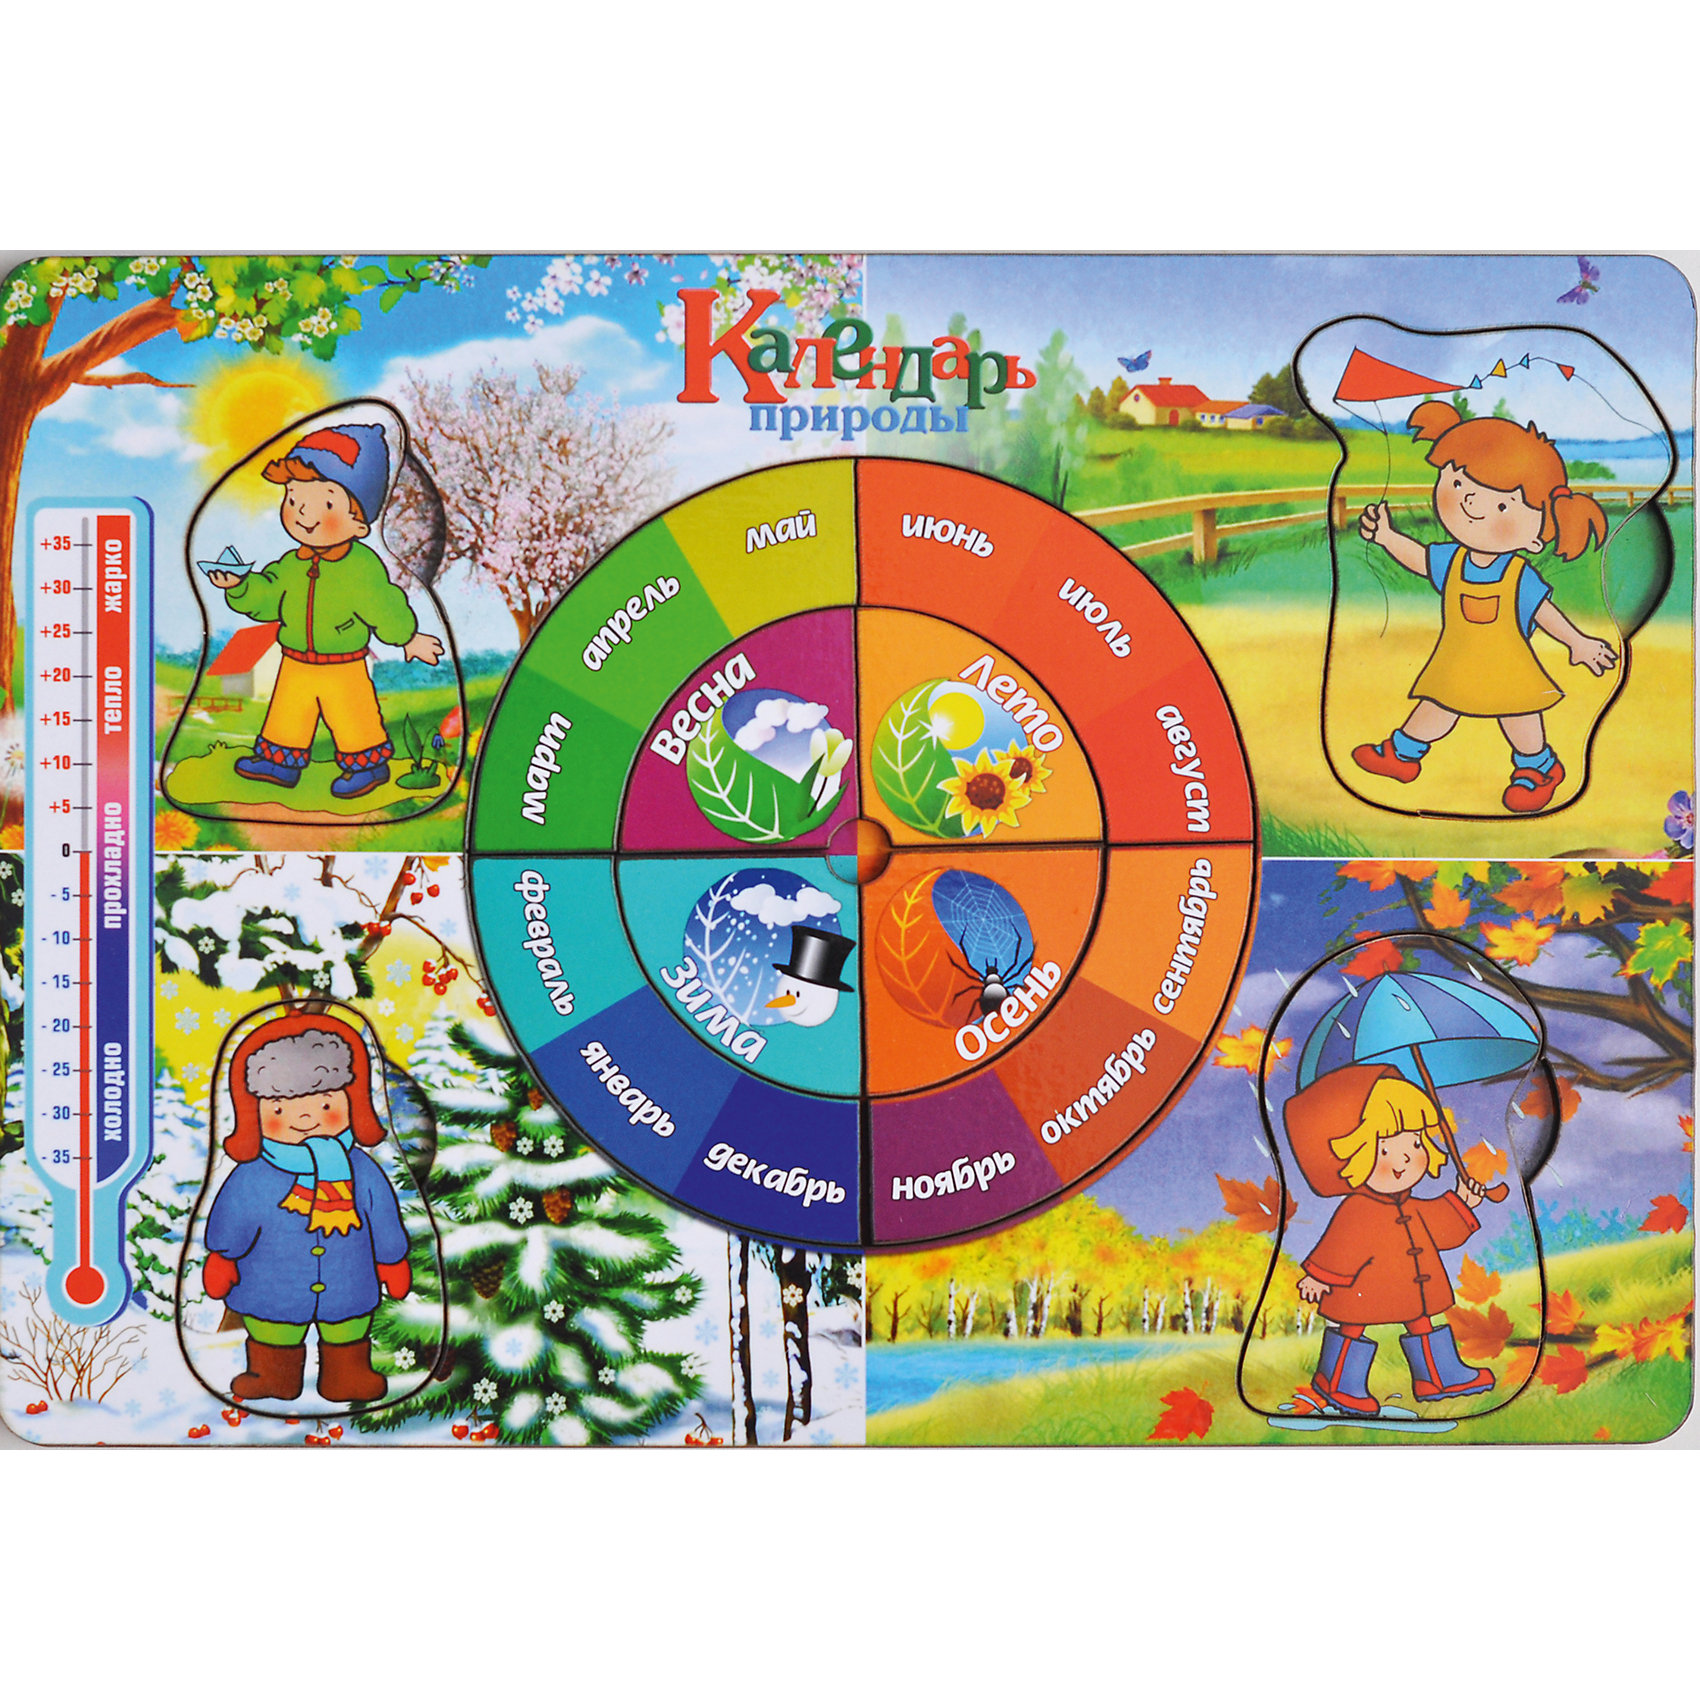 Развивающая рамка-вкладыш  «Календарь природы», Мастер игрушекРамки-вкладыши<br>Календарь природы - яркая рамка-вкладыш, с помощью которого ребенок познакомится с временами года и месяцами, рассмотрит обучающие картинки, вытащив из ячеек и найдет им свой домик, вставив их обратно. Яркая картинка понравится малышу, а игра поможет развить мелкую моторику, координацию и обогатить словарный запас.<br><br>Дополнительная информация:<br>В комплекте: 12 вкладышей, рамка<br>Материал: дерево<br>Размер: 19,5х0,7х28 см<br>Вес: 260 грамм<br>Вы можете купить рамку-вкладыш Календарь природы в нашем интернет-магазине.<br><br>Ширина мм: 280<br>Глубина мм: 7<br>Высота мм: 195<br>Вес г: 260<br>Возраст от месяцев: 36<br>Возраст до месяцев: 120<br>Пол: Унисекс<br>Возраст: Детский<br>SKU: 4953655